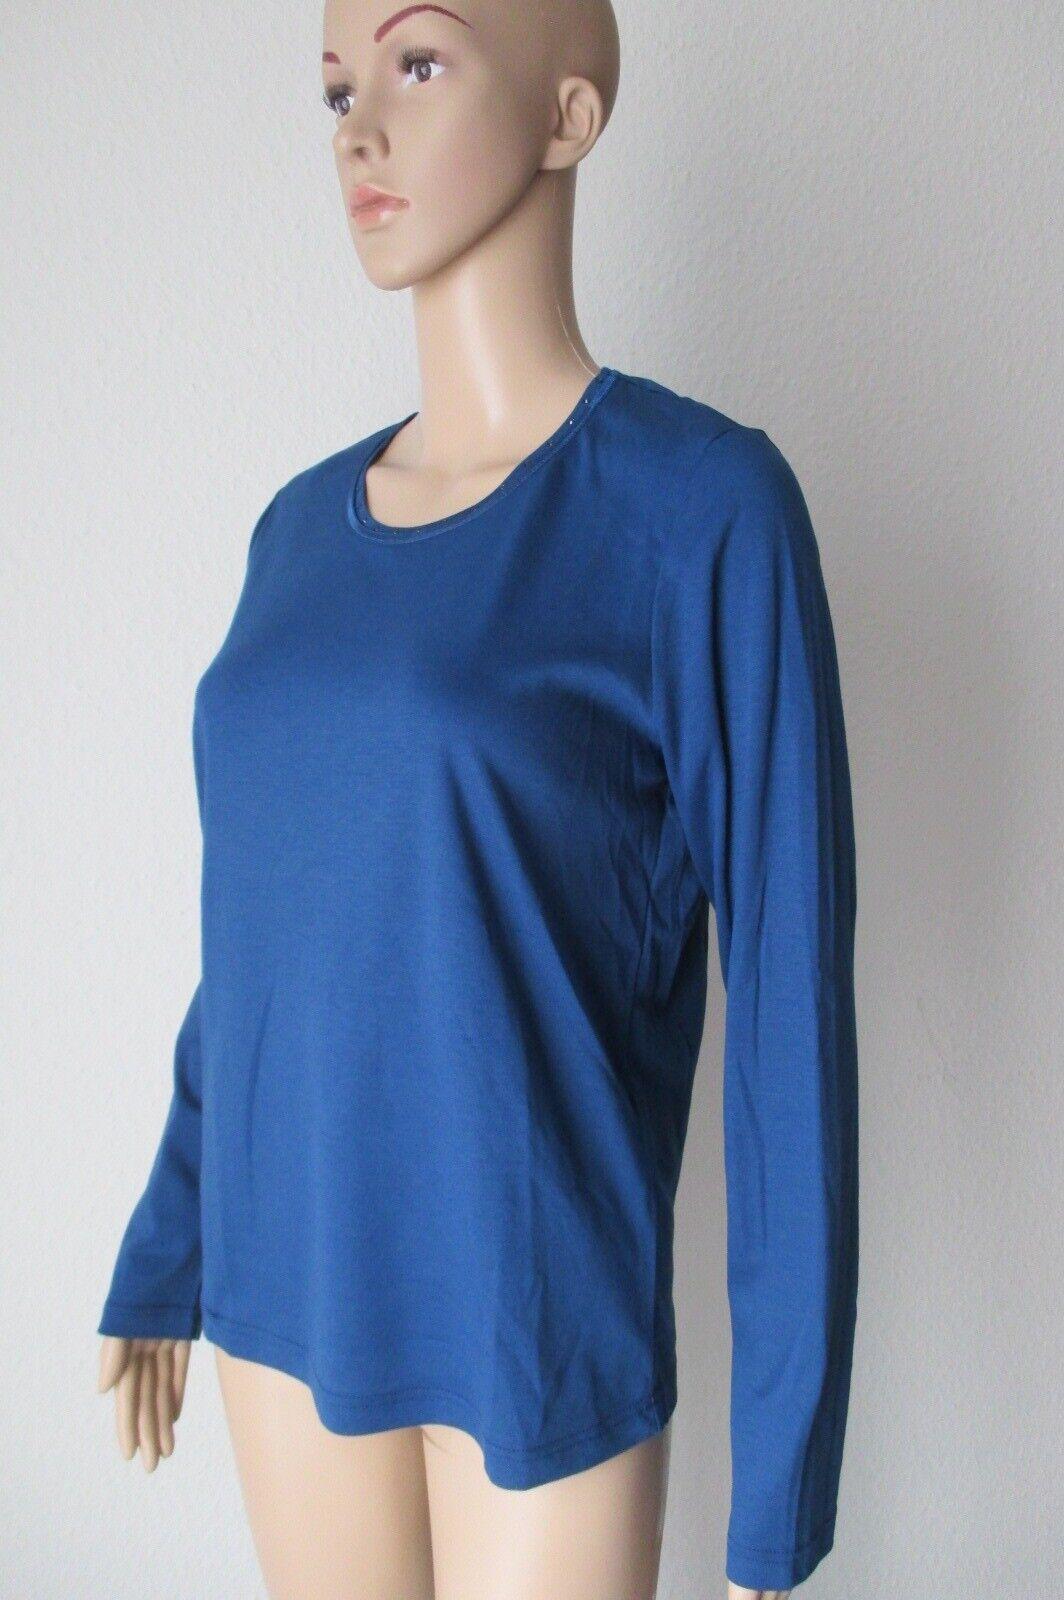 Efixelle Rundhals-Shirt mit  langem Arm, Farbe blau, Größe 38